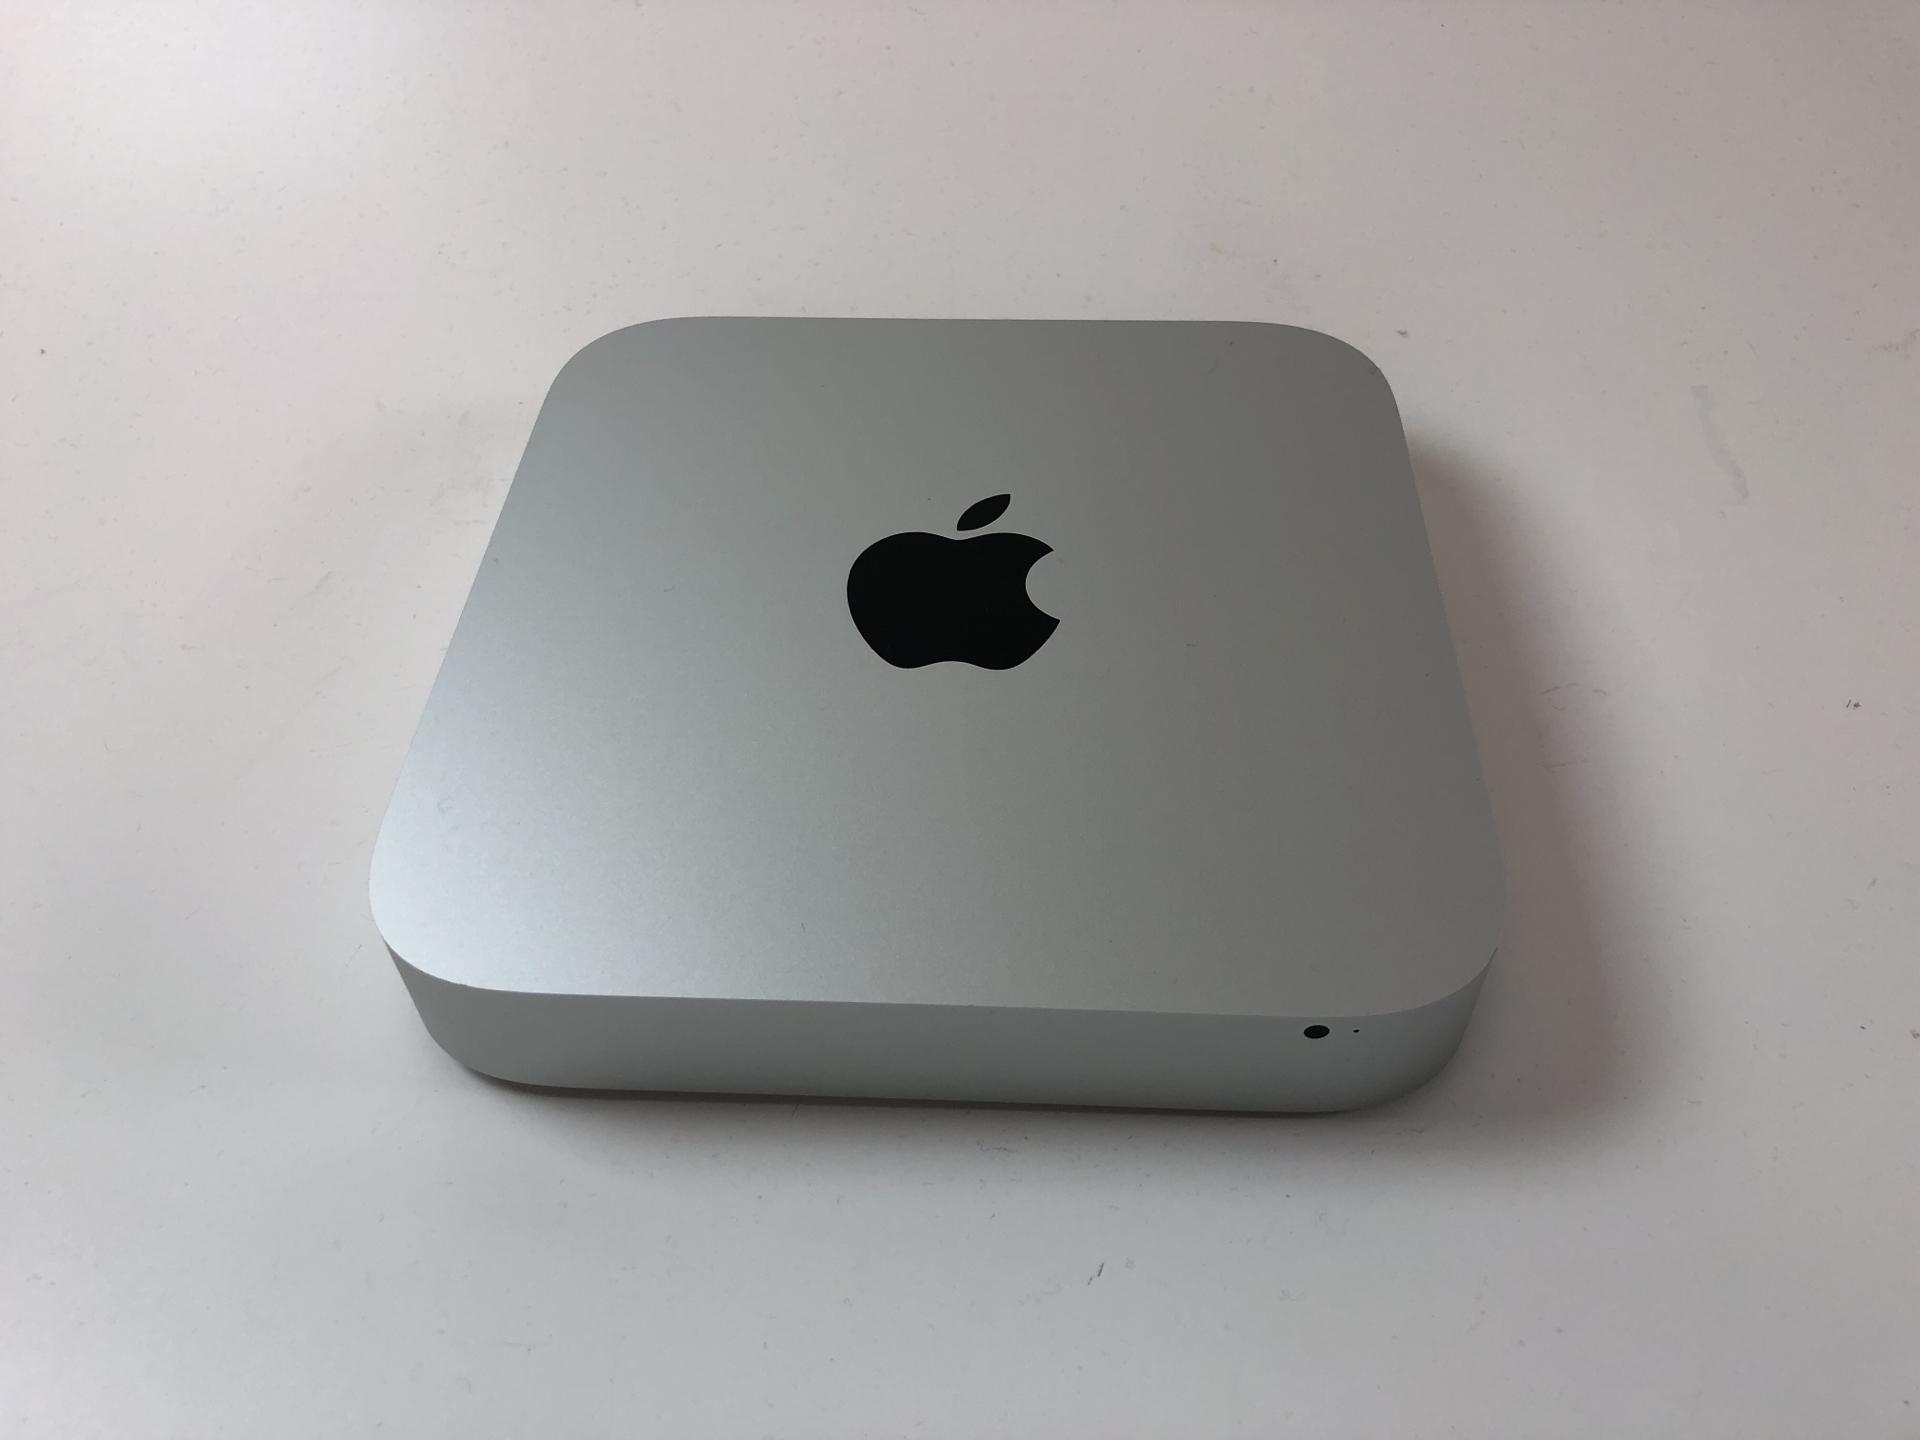 Mac Mini Late 2012 (Intel Core i5 2.5 GHz 4 GB RAM 500 GB HDD), Intel Core i5 2.5 GHz, 4 GB RAM, 500 GB HDD, Kuva 1